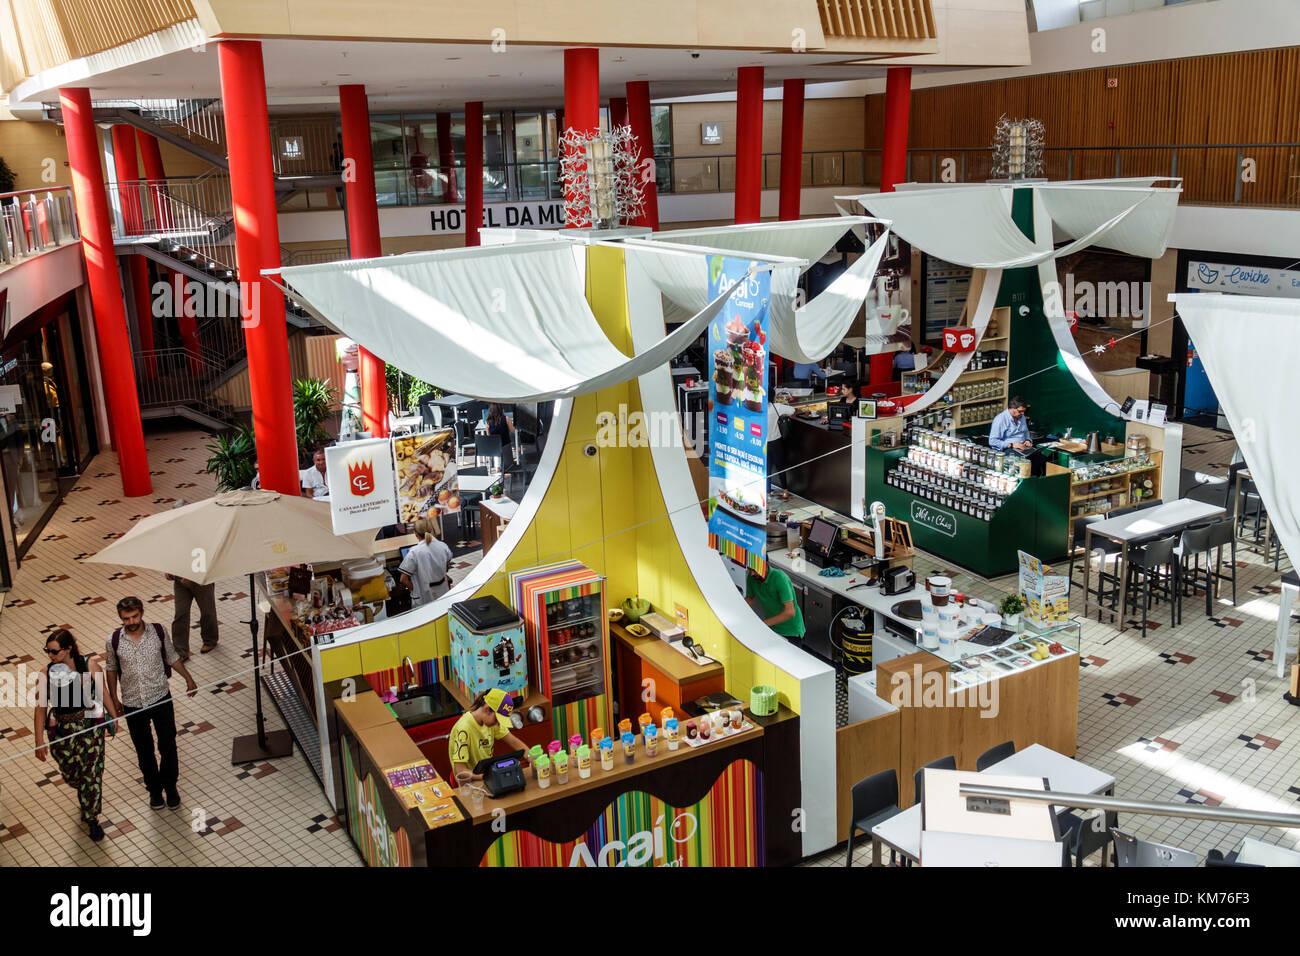 Porto Portugal Mercado do Bom Sucesso urban market food court dining vendor stand kiosk overhead view restaurant - Stock Image